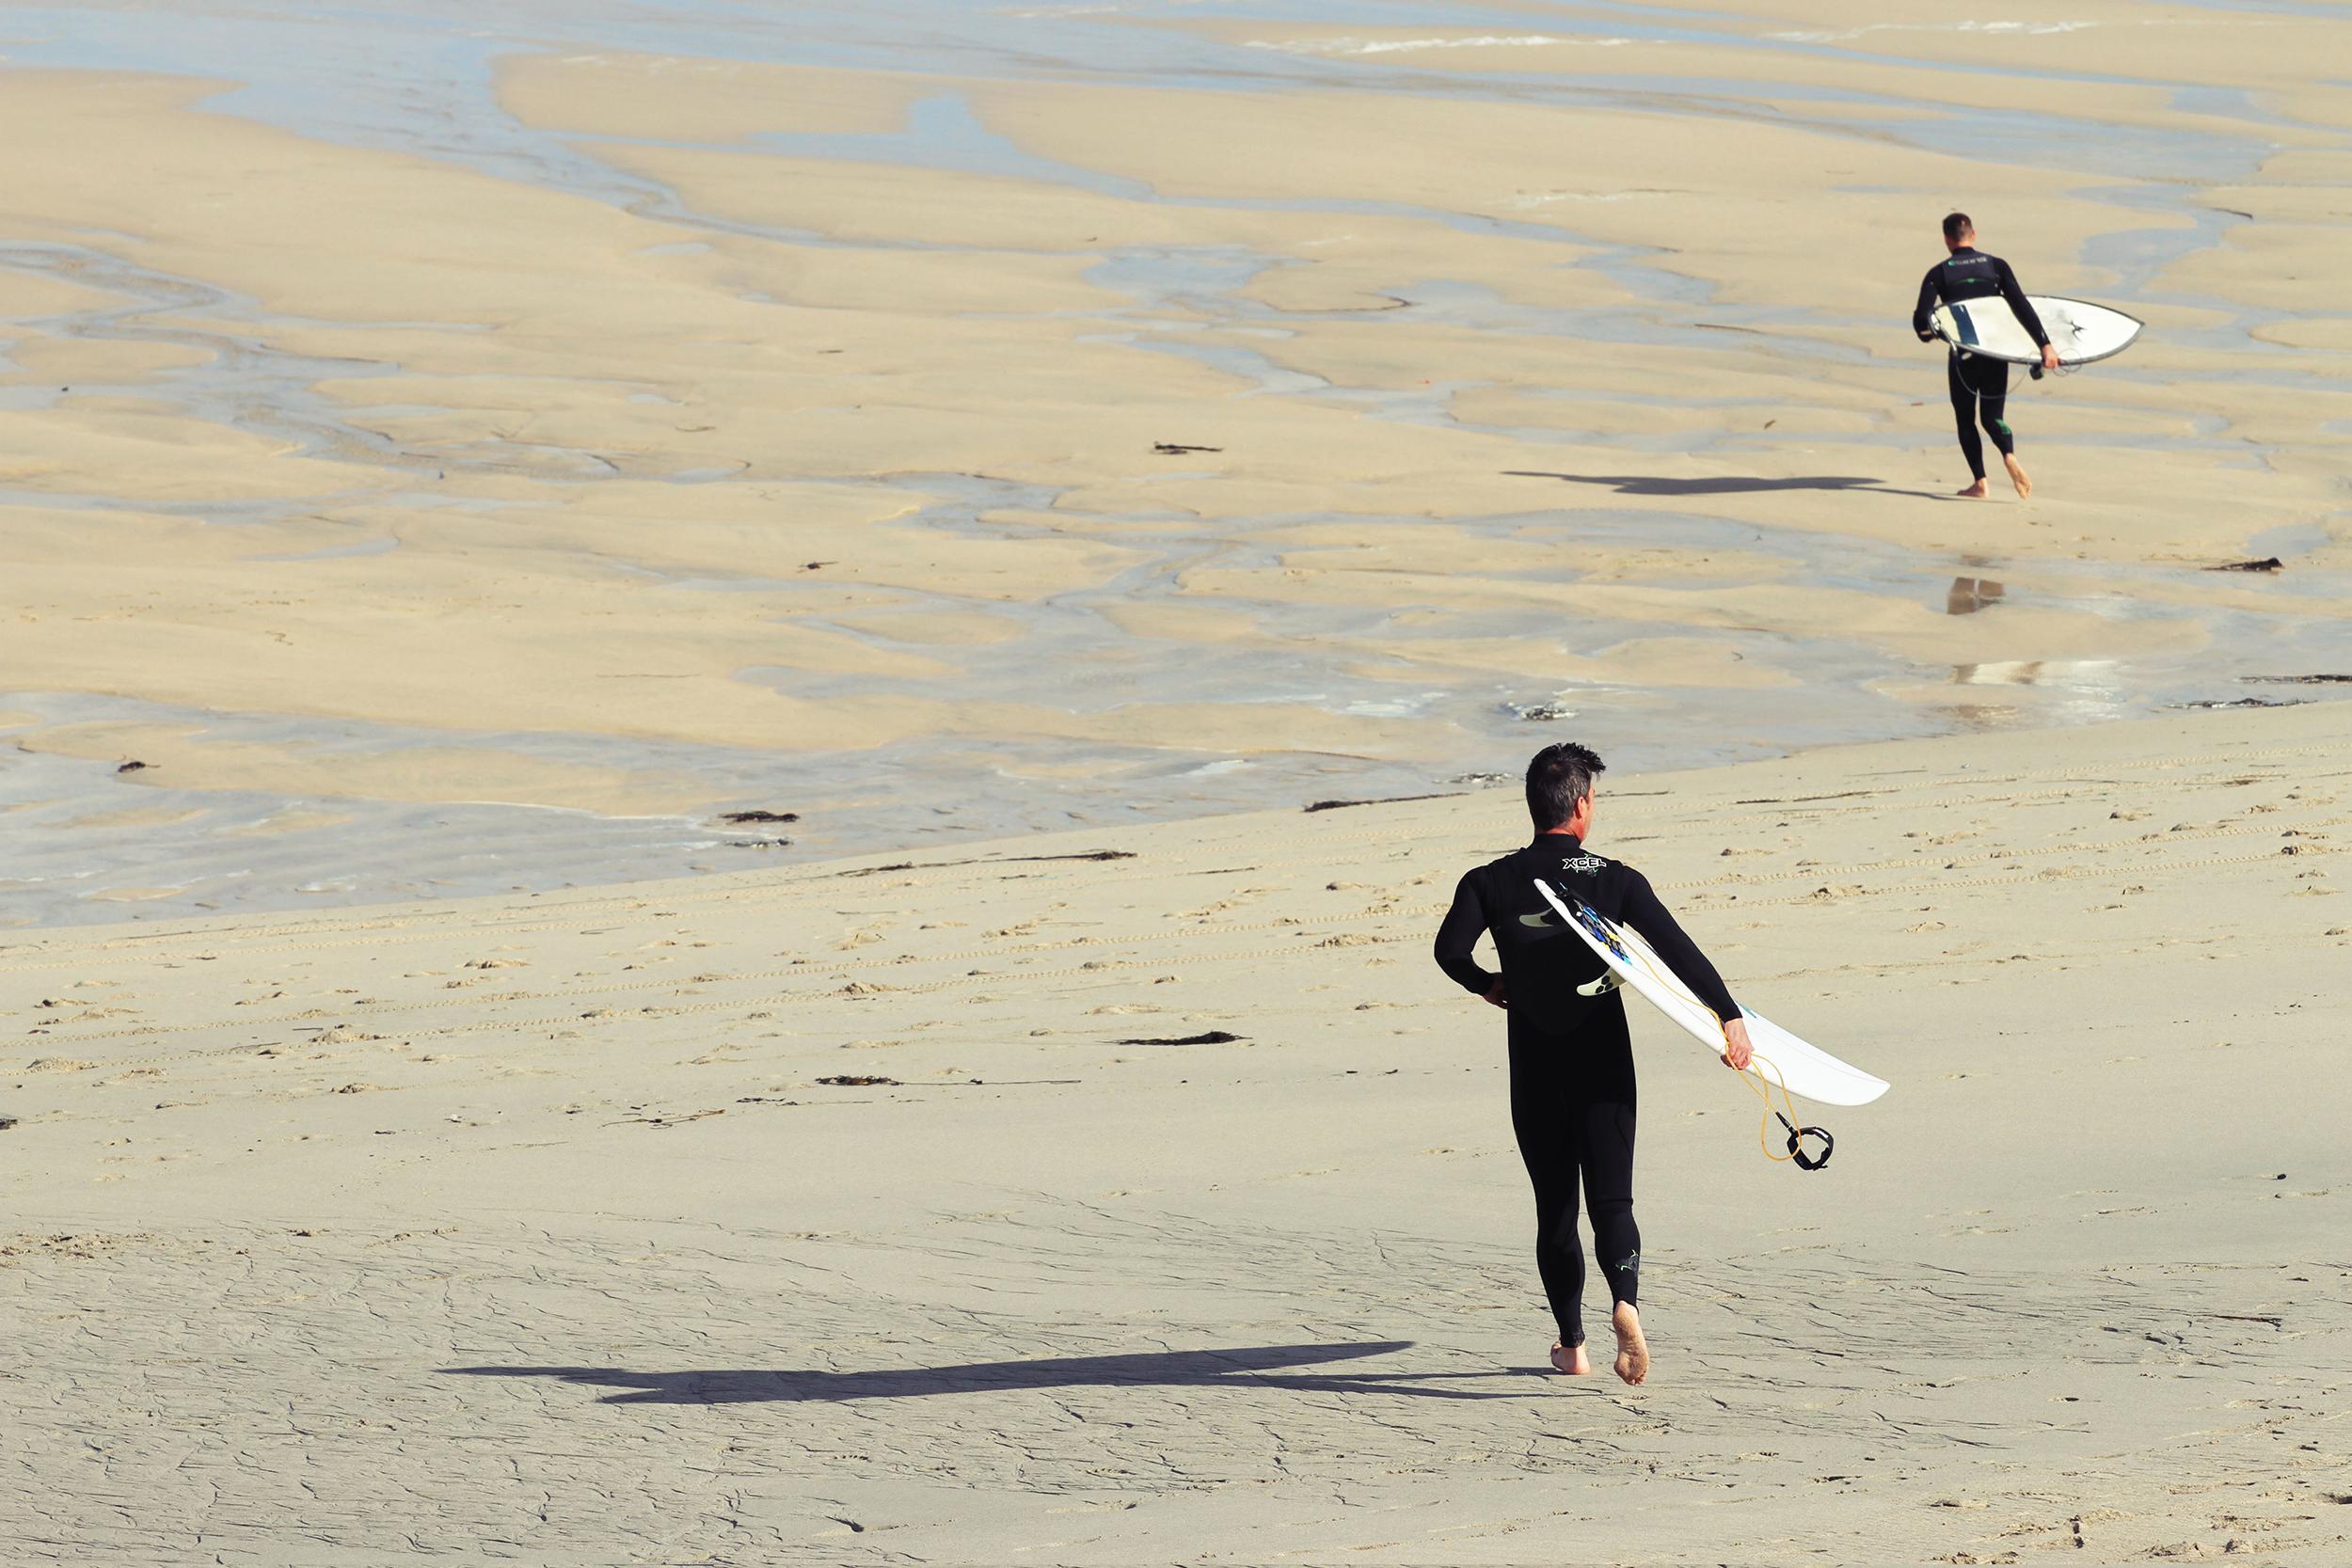 Surfer in St. Ives